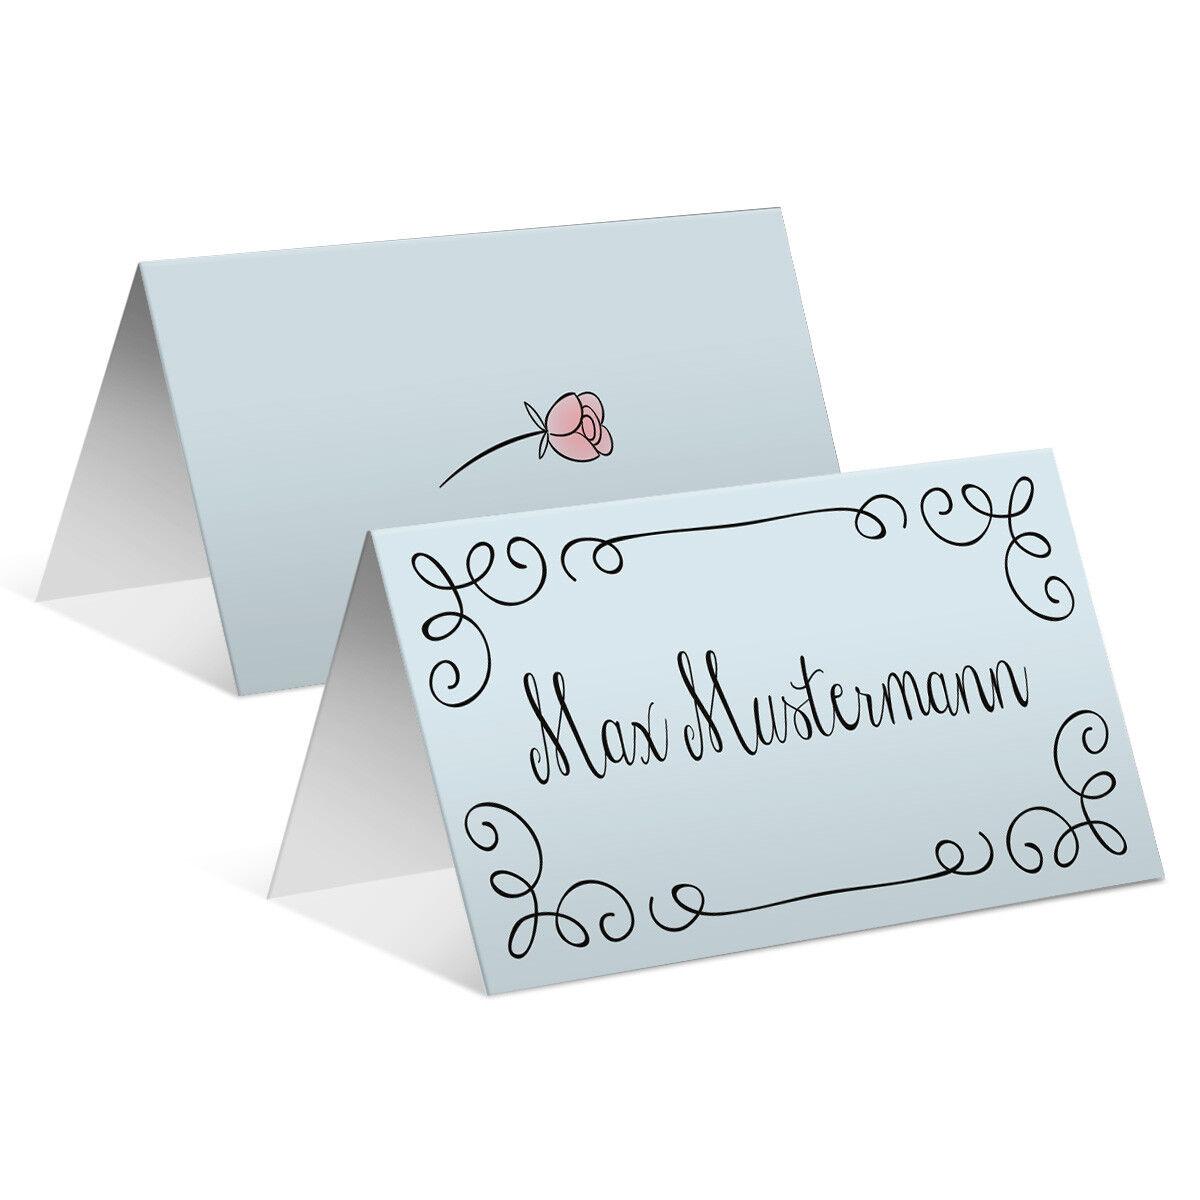 Hochzeit Tischkarten Platzkarten Namenskarten Karten individuell Küssendes Paar   Nutzen Sie Materialien voll aus    Exzellente Verarbeitung